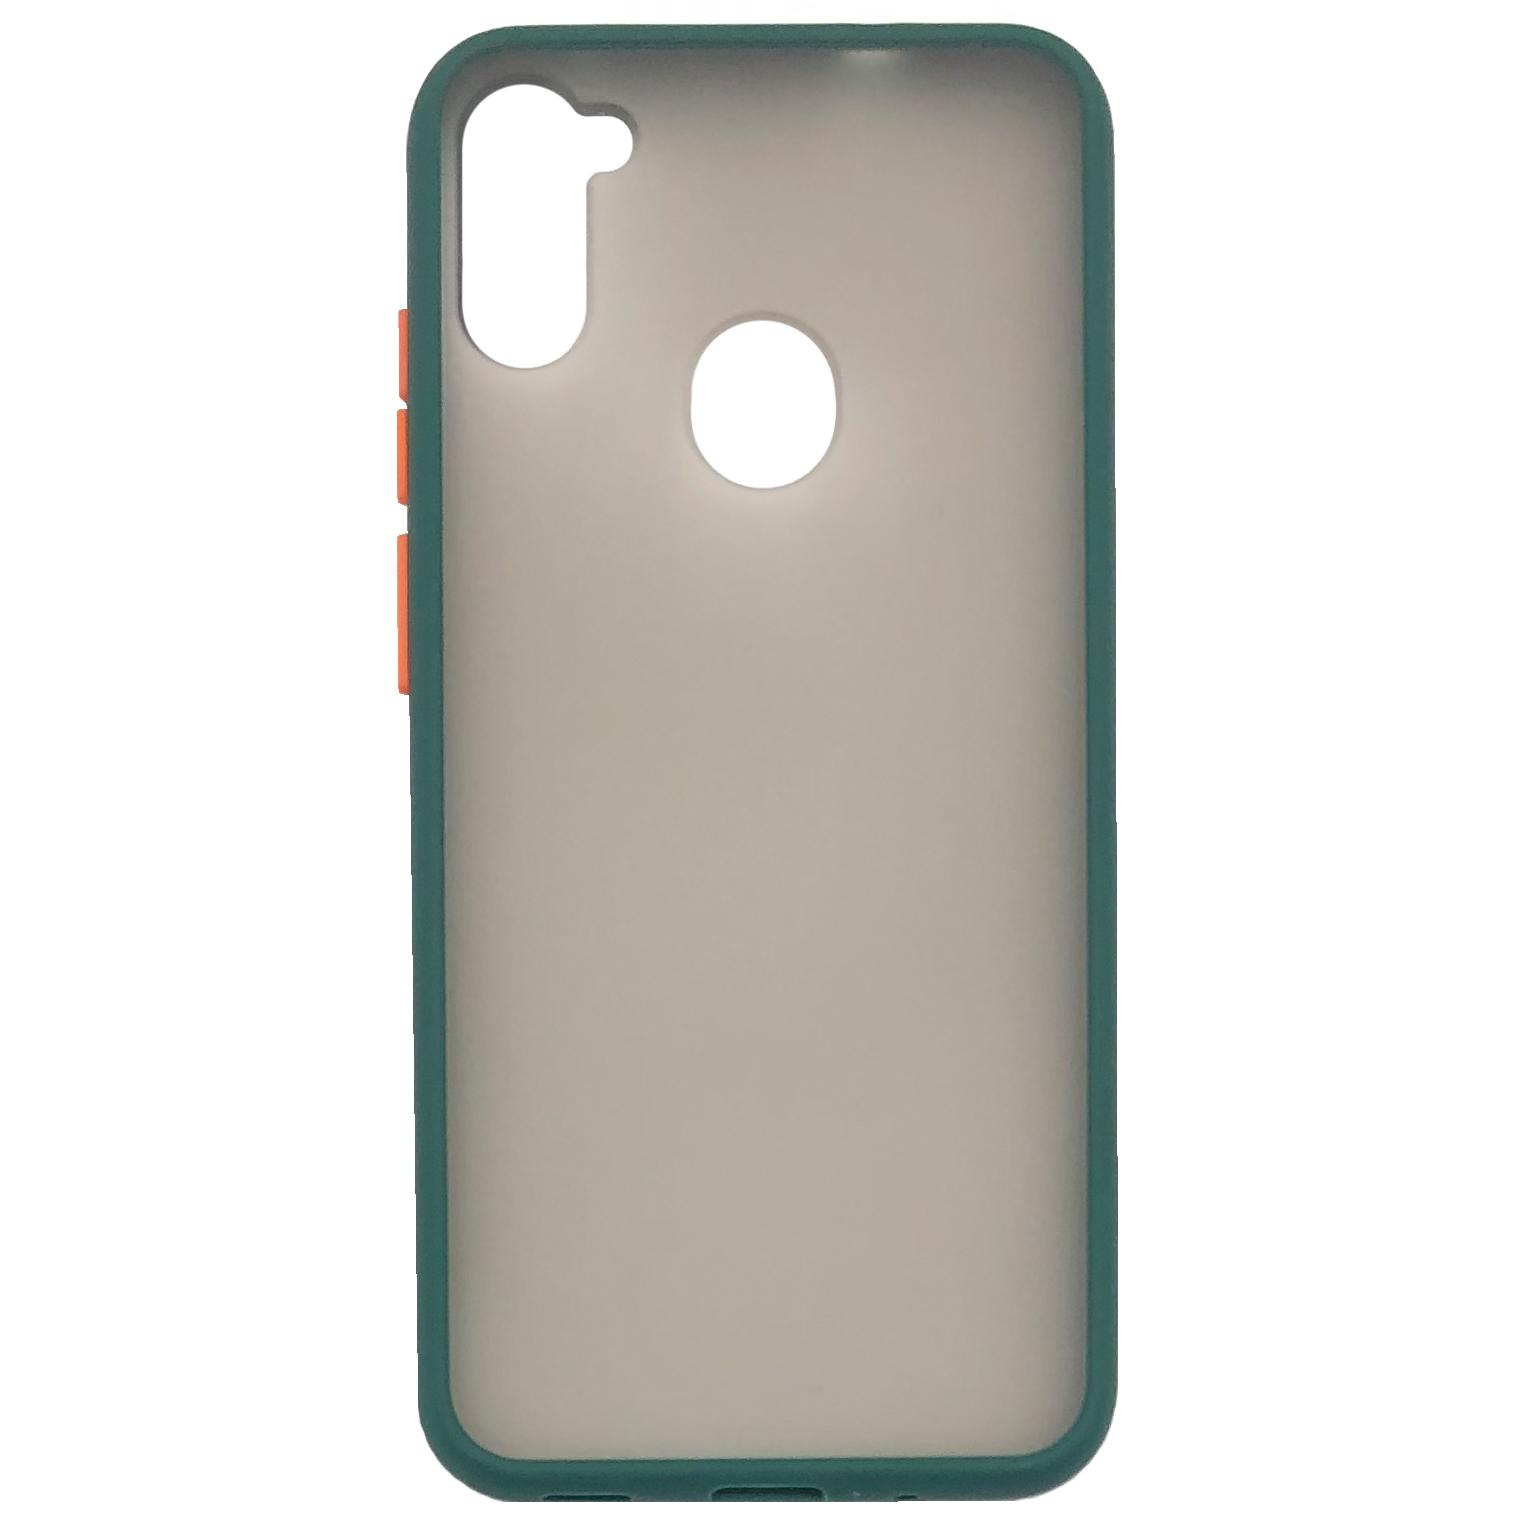 کاور مدل ME-001 مناسب برای گوشی موبایل سامسونگ Galaxy A11 main 1 3